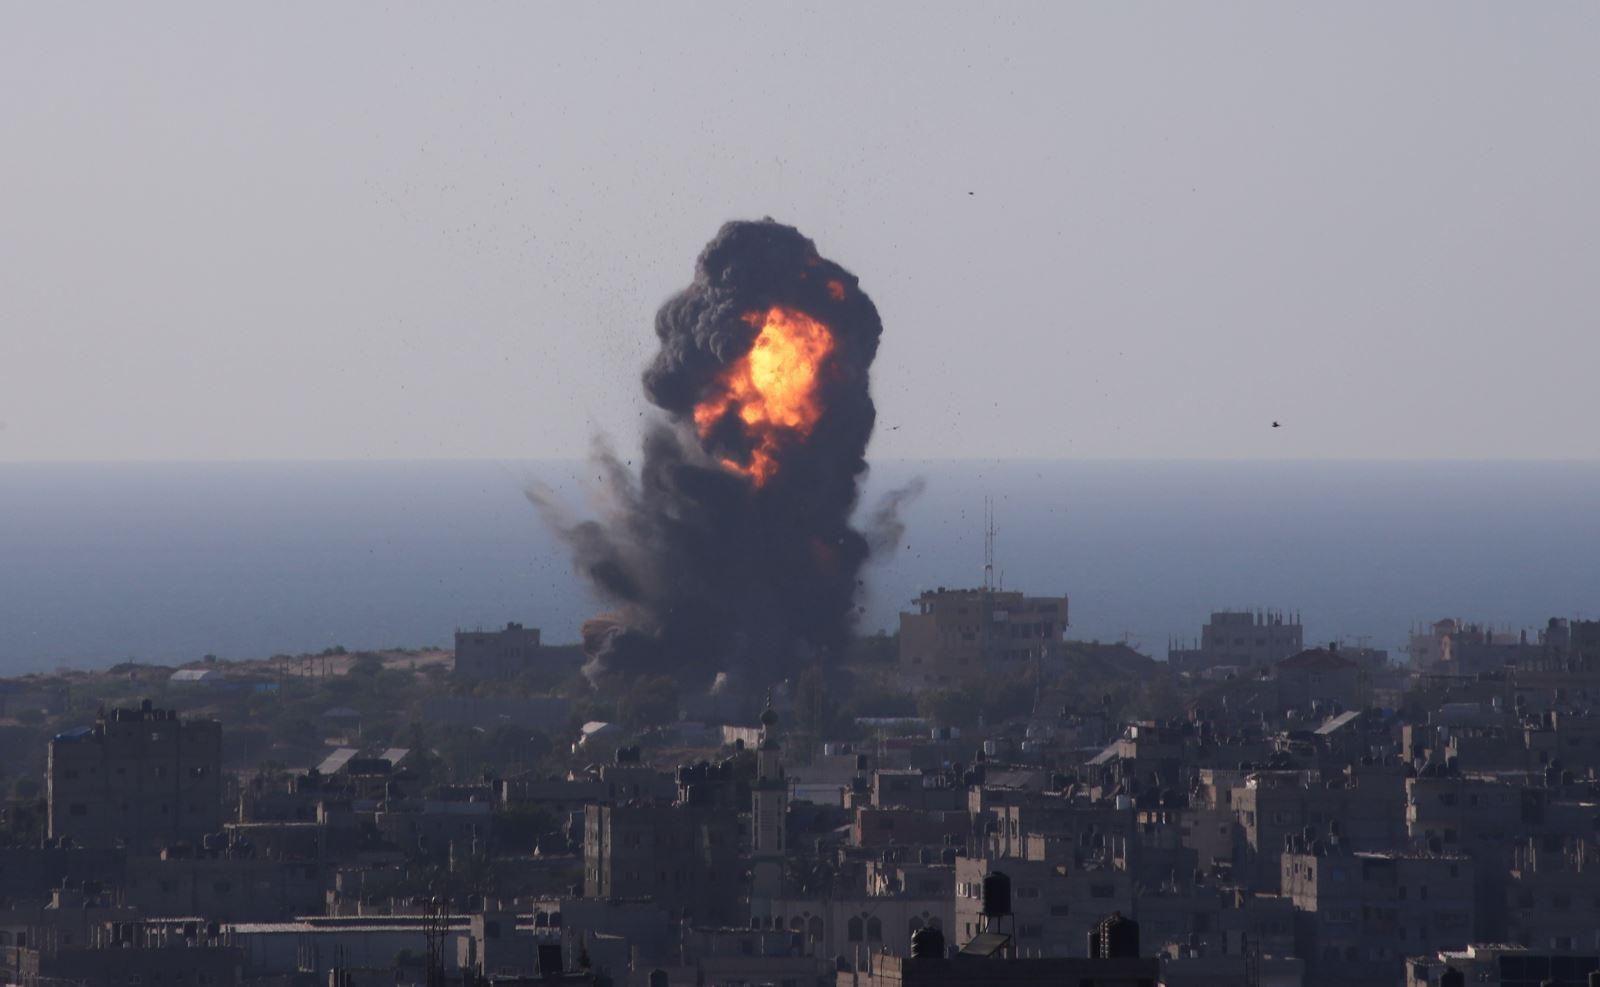 Israel khiến Hamas 'giật mình' khi sát hại nhiều thủ lĩnh dưới hầm bí mật Ảnh 1